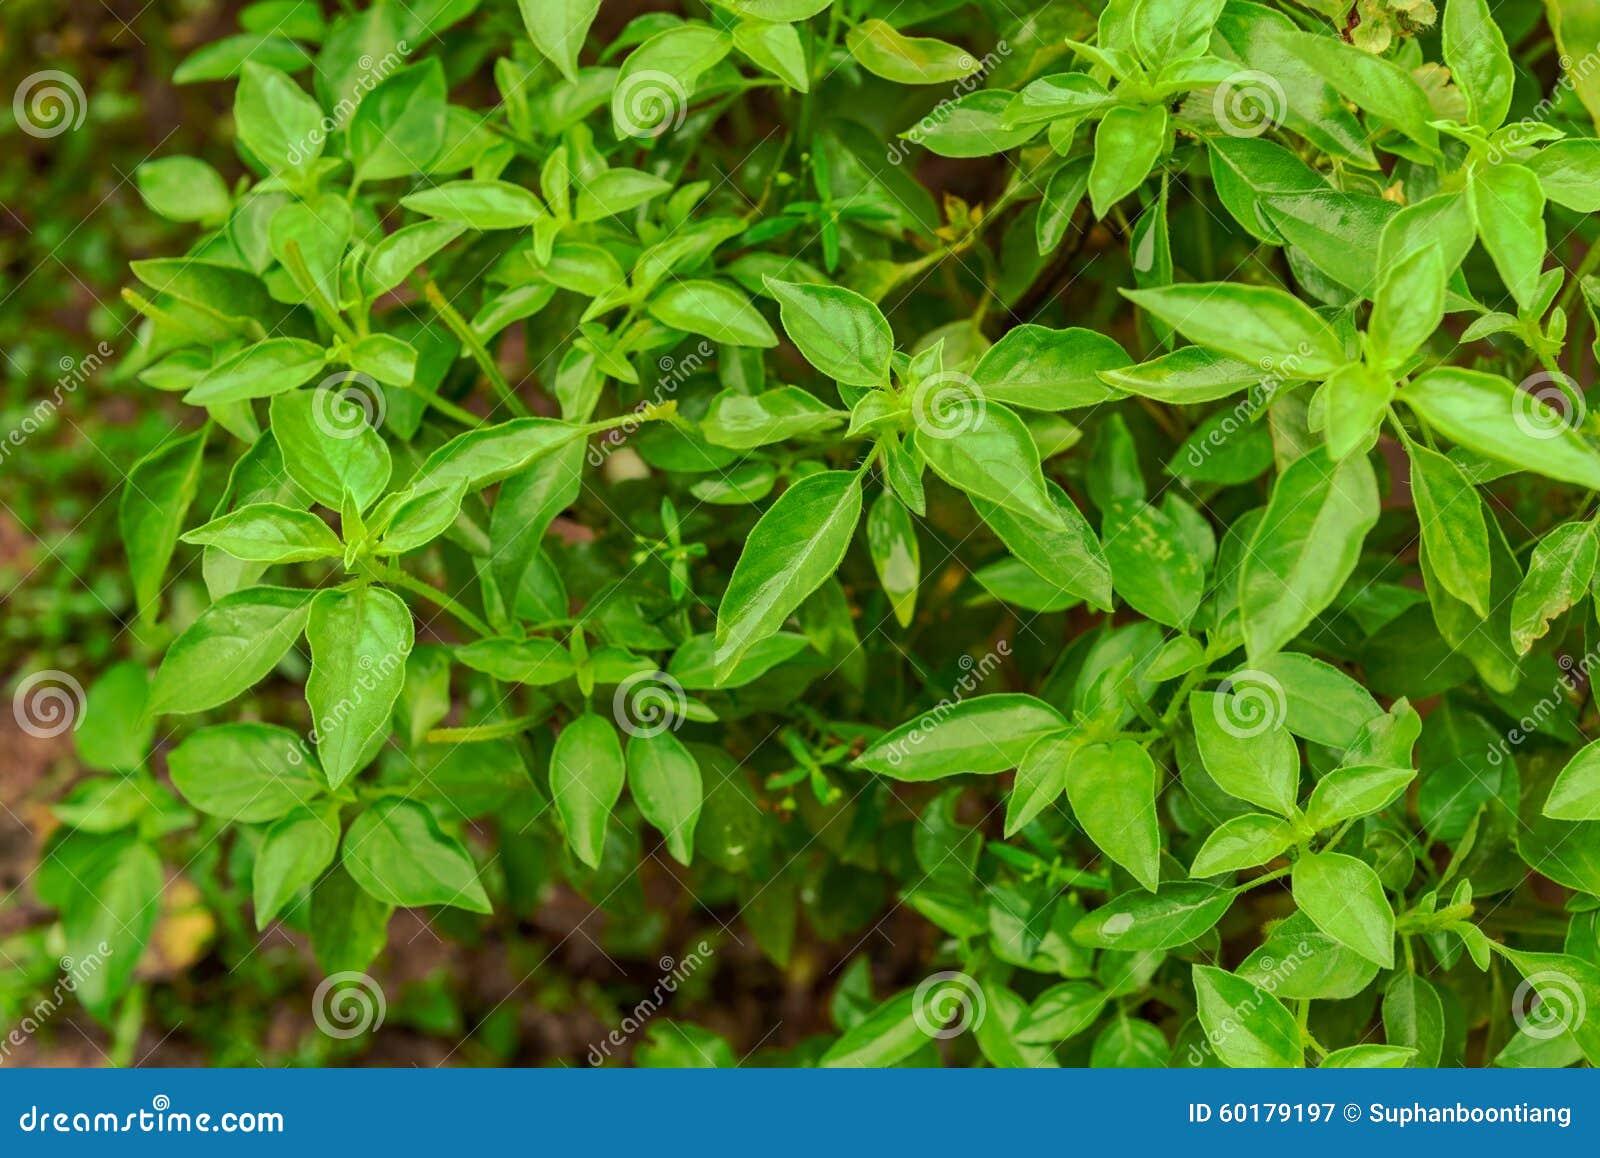 Green Leaves Teen Dreams 38